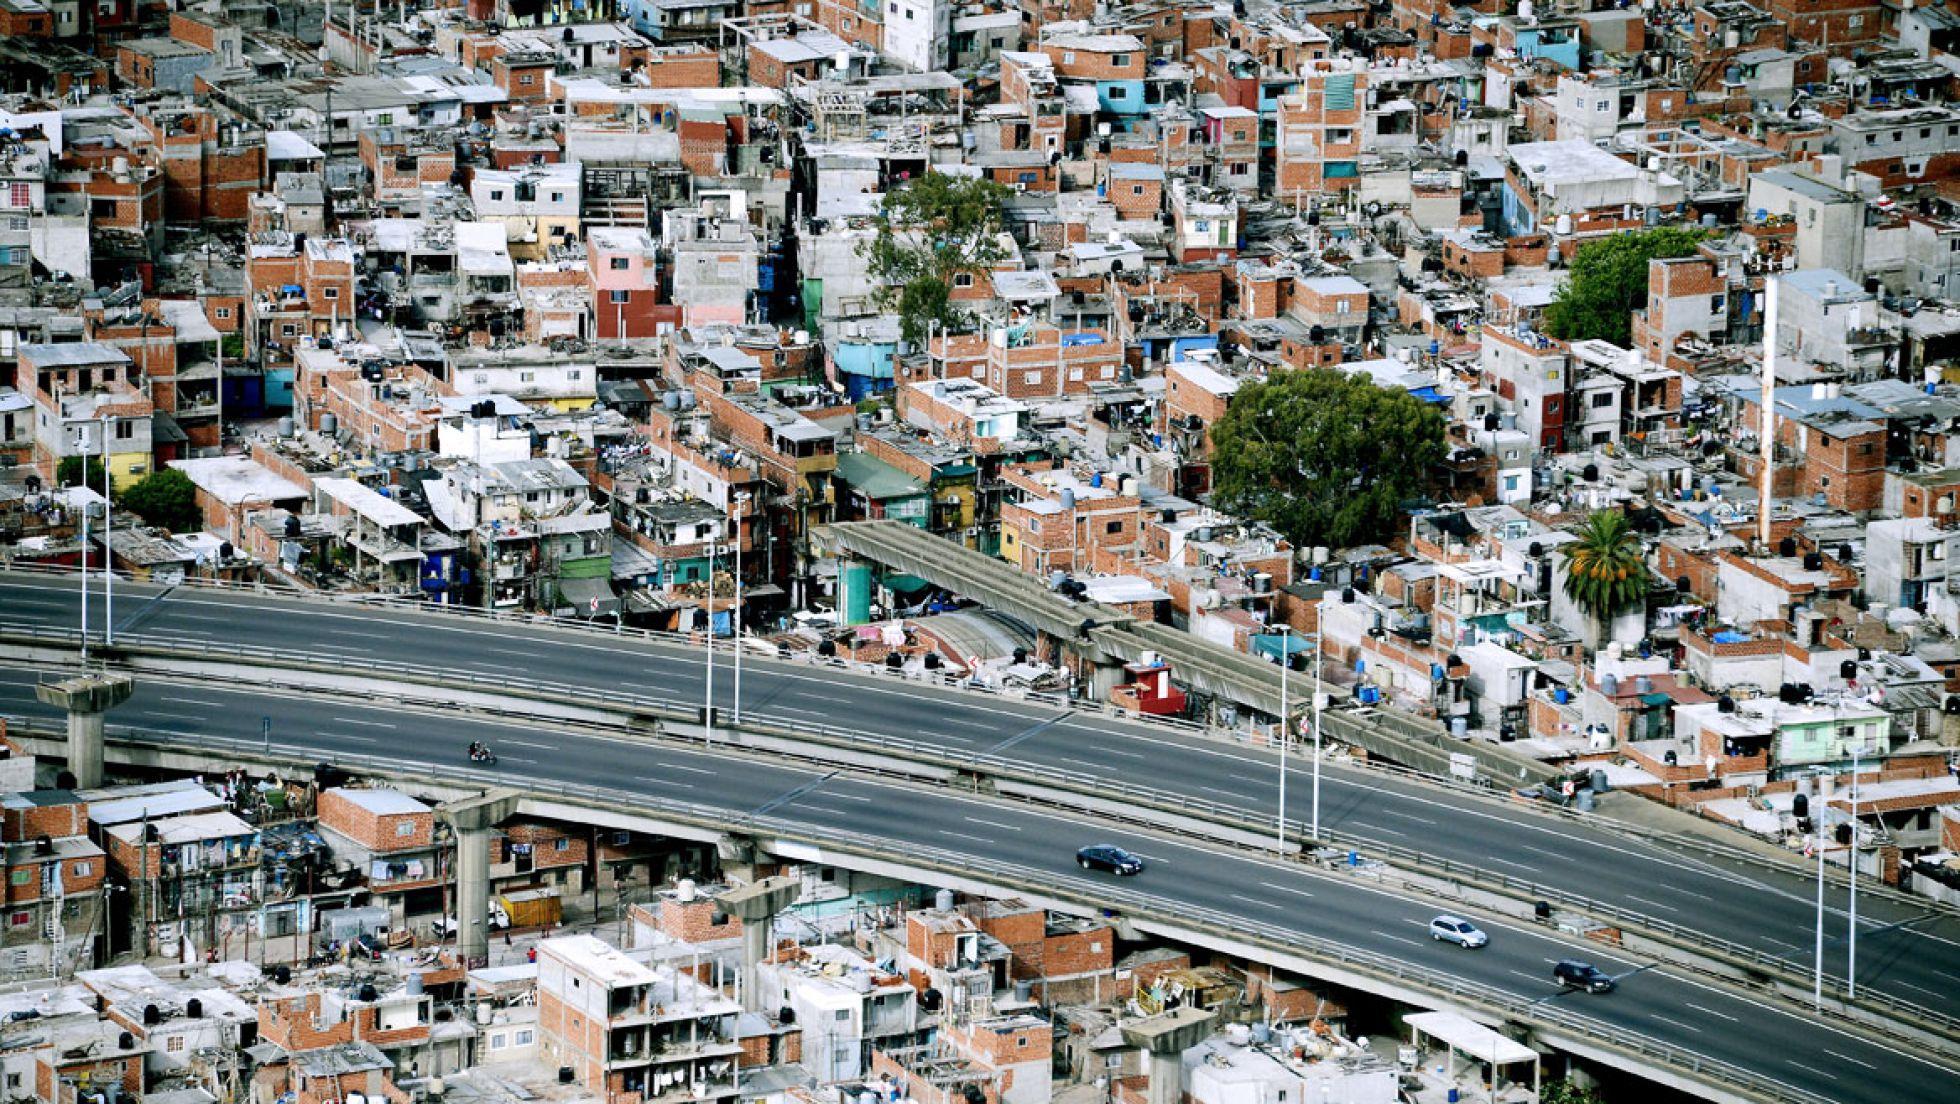 villas-el-pais-4416